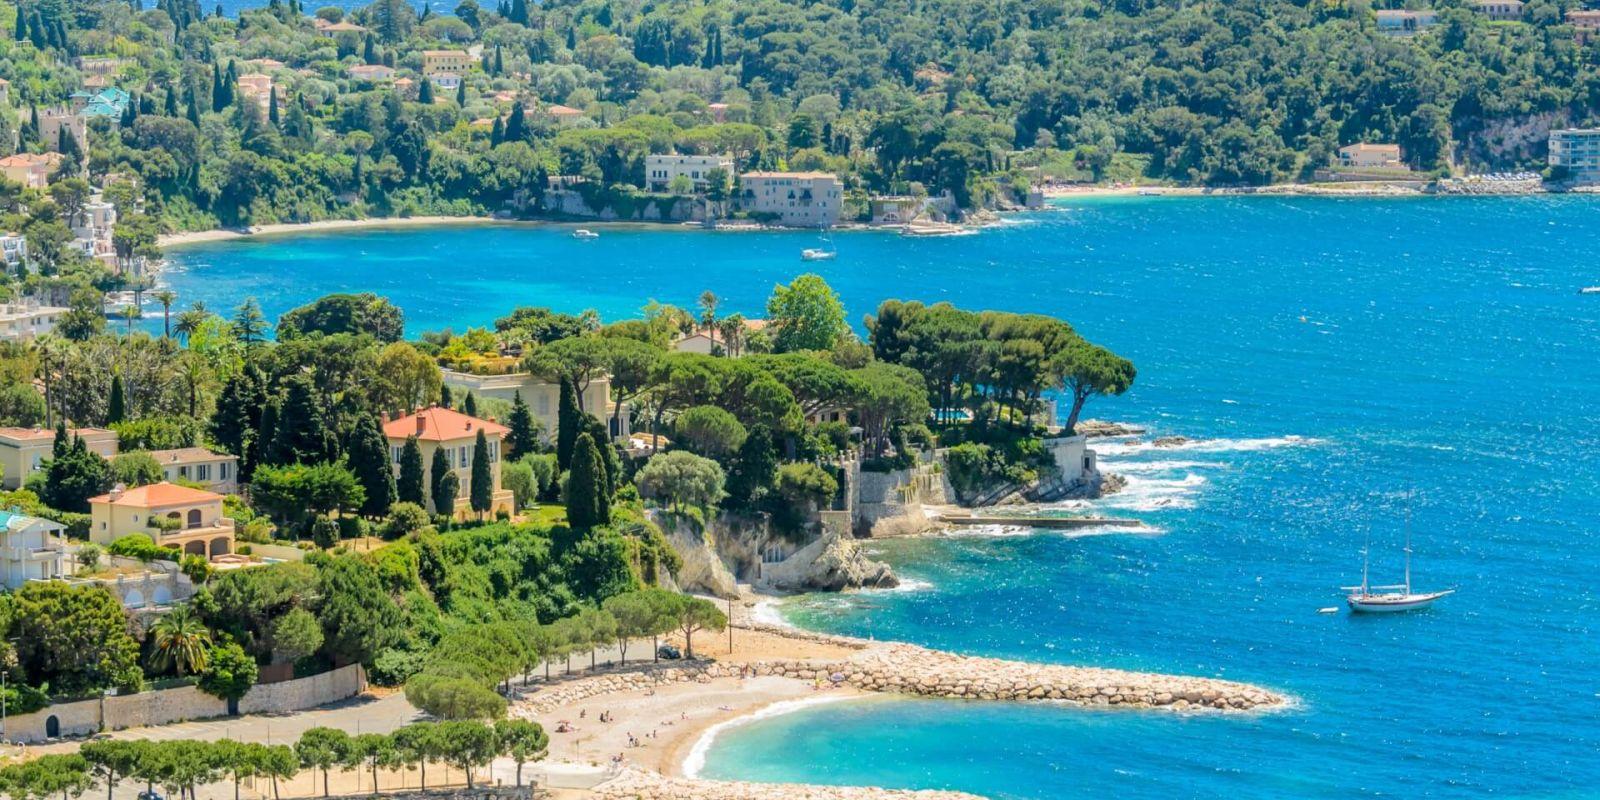 Location yacht Côte d'Azur, louer un yacht dans le sud de la France